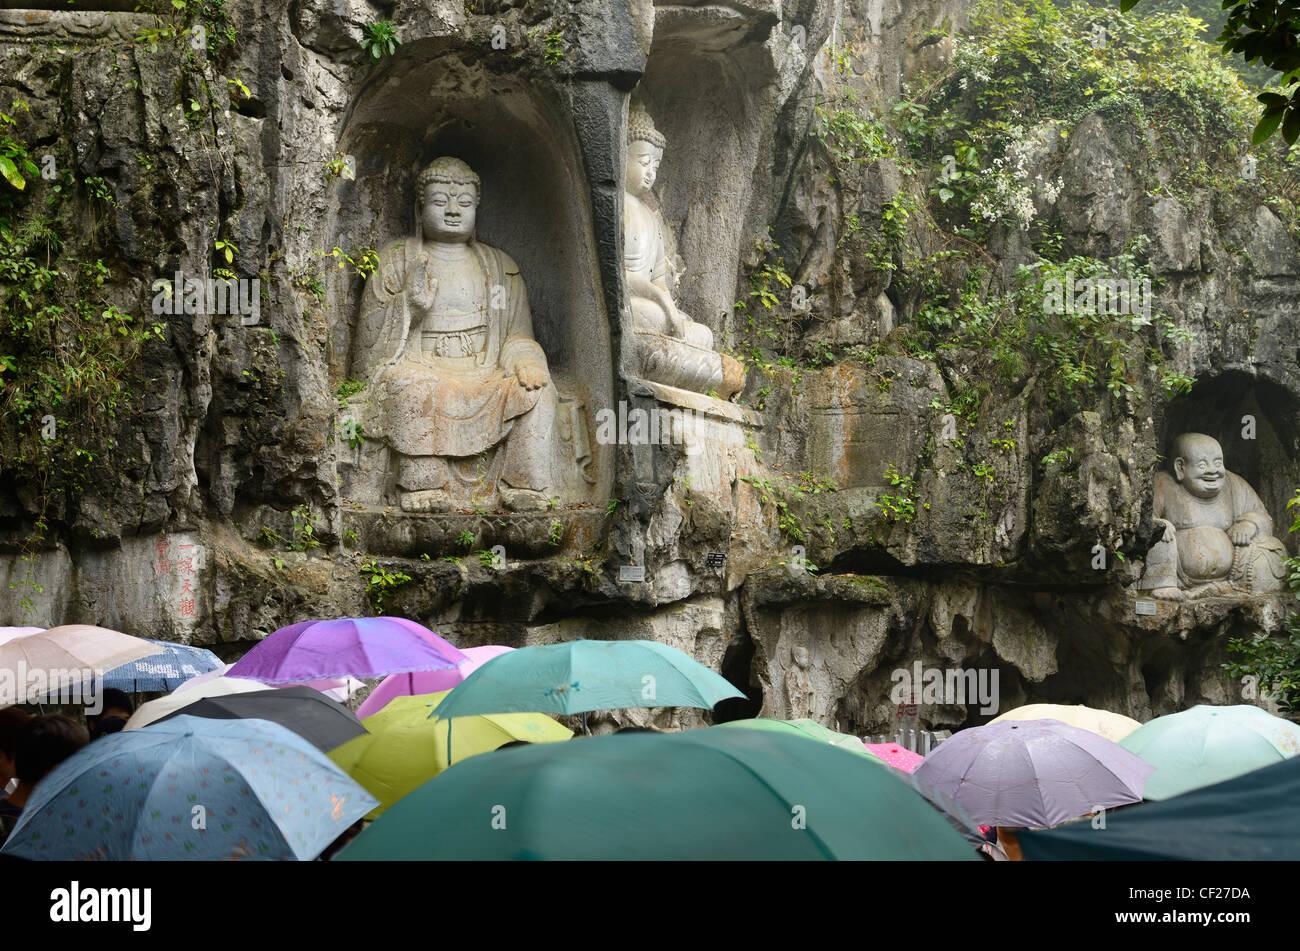 Calcare sculture del buddha al feilai feng sotto la pioggia con ombrelloni ling yin tempio hangzhou cina Immagini Stock